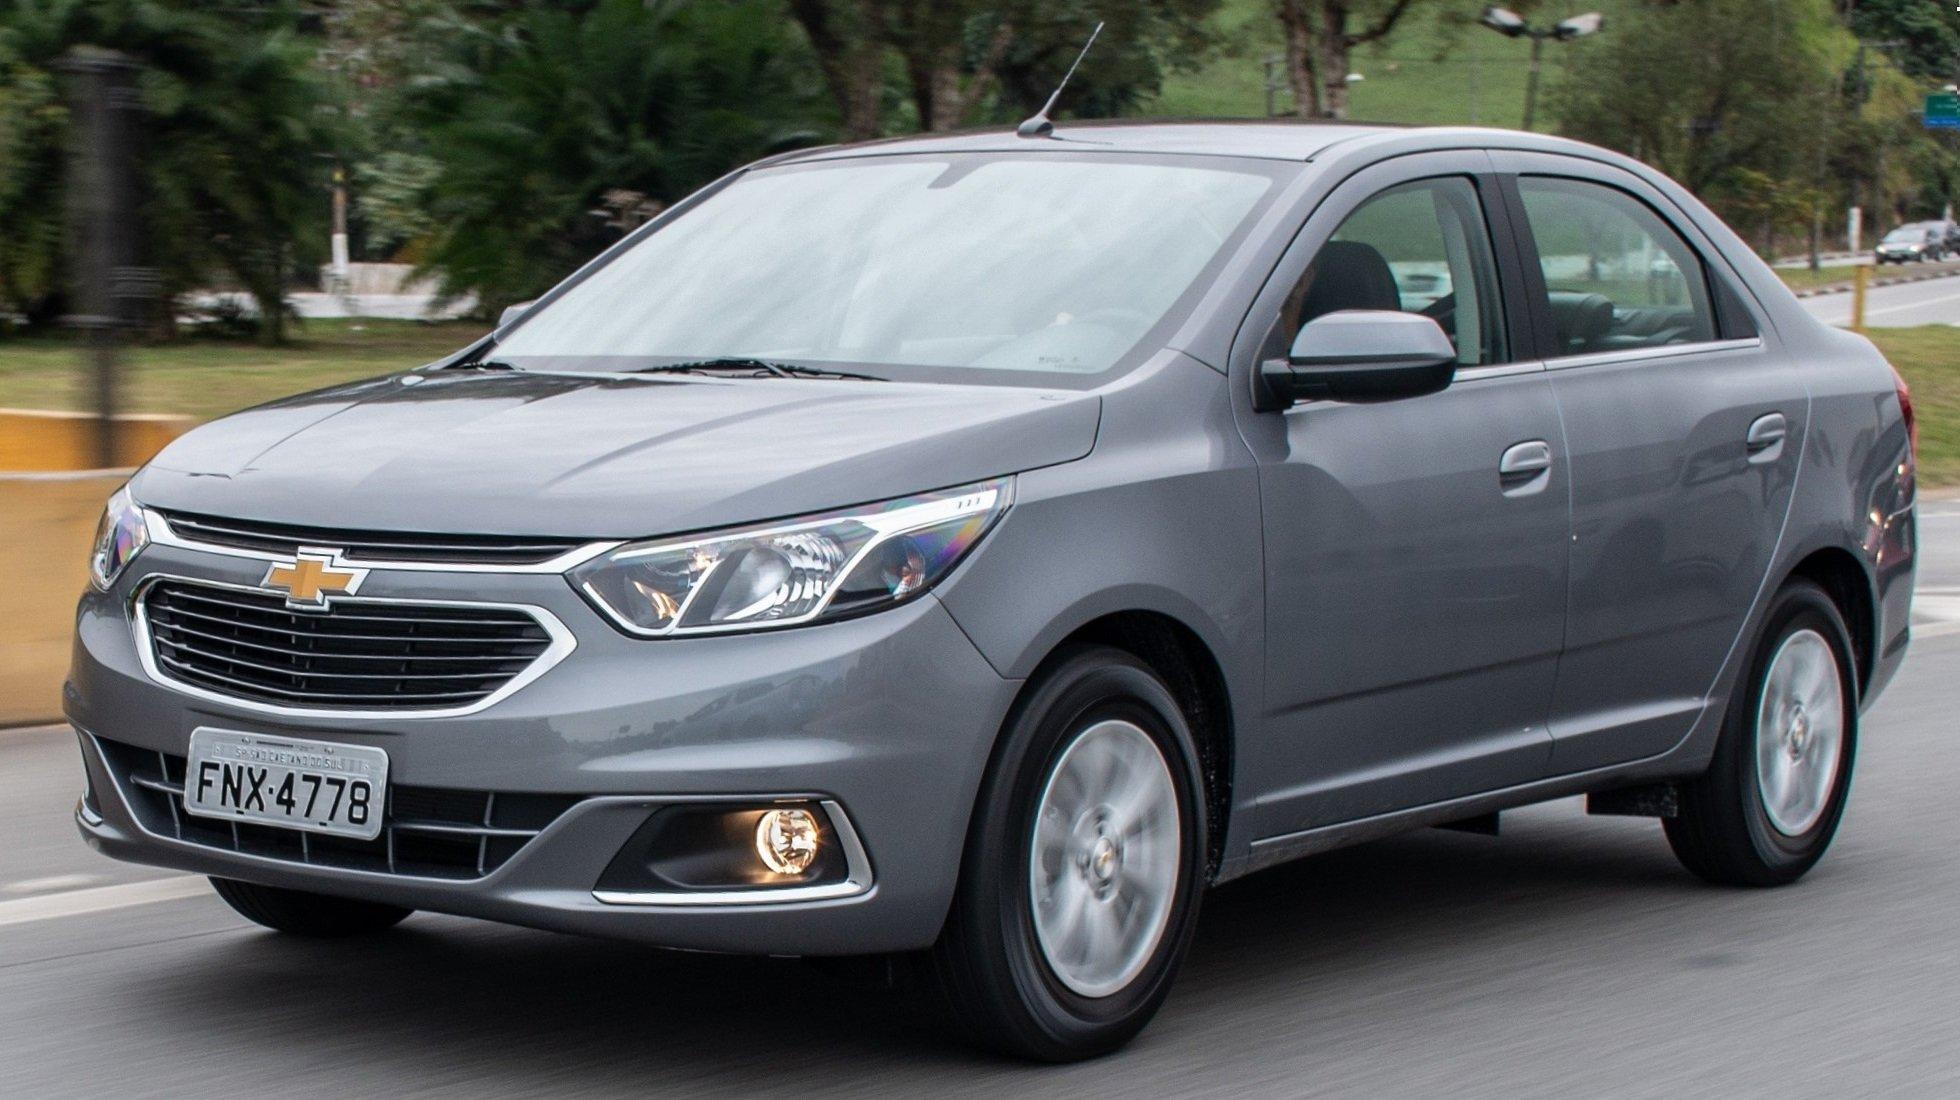 Chevrolet Cobalt estreia linha 2019 com nova versão para portadores de necessidades especiais